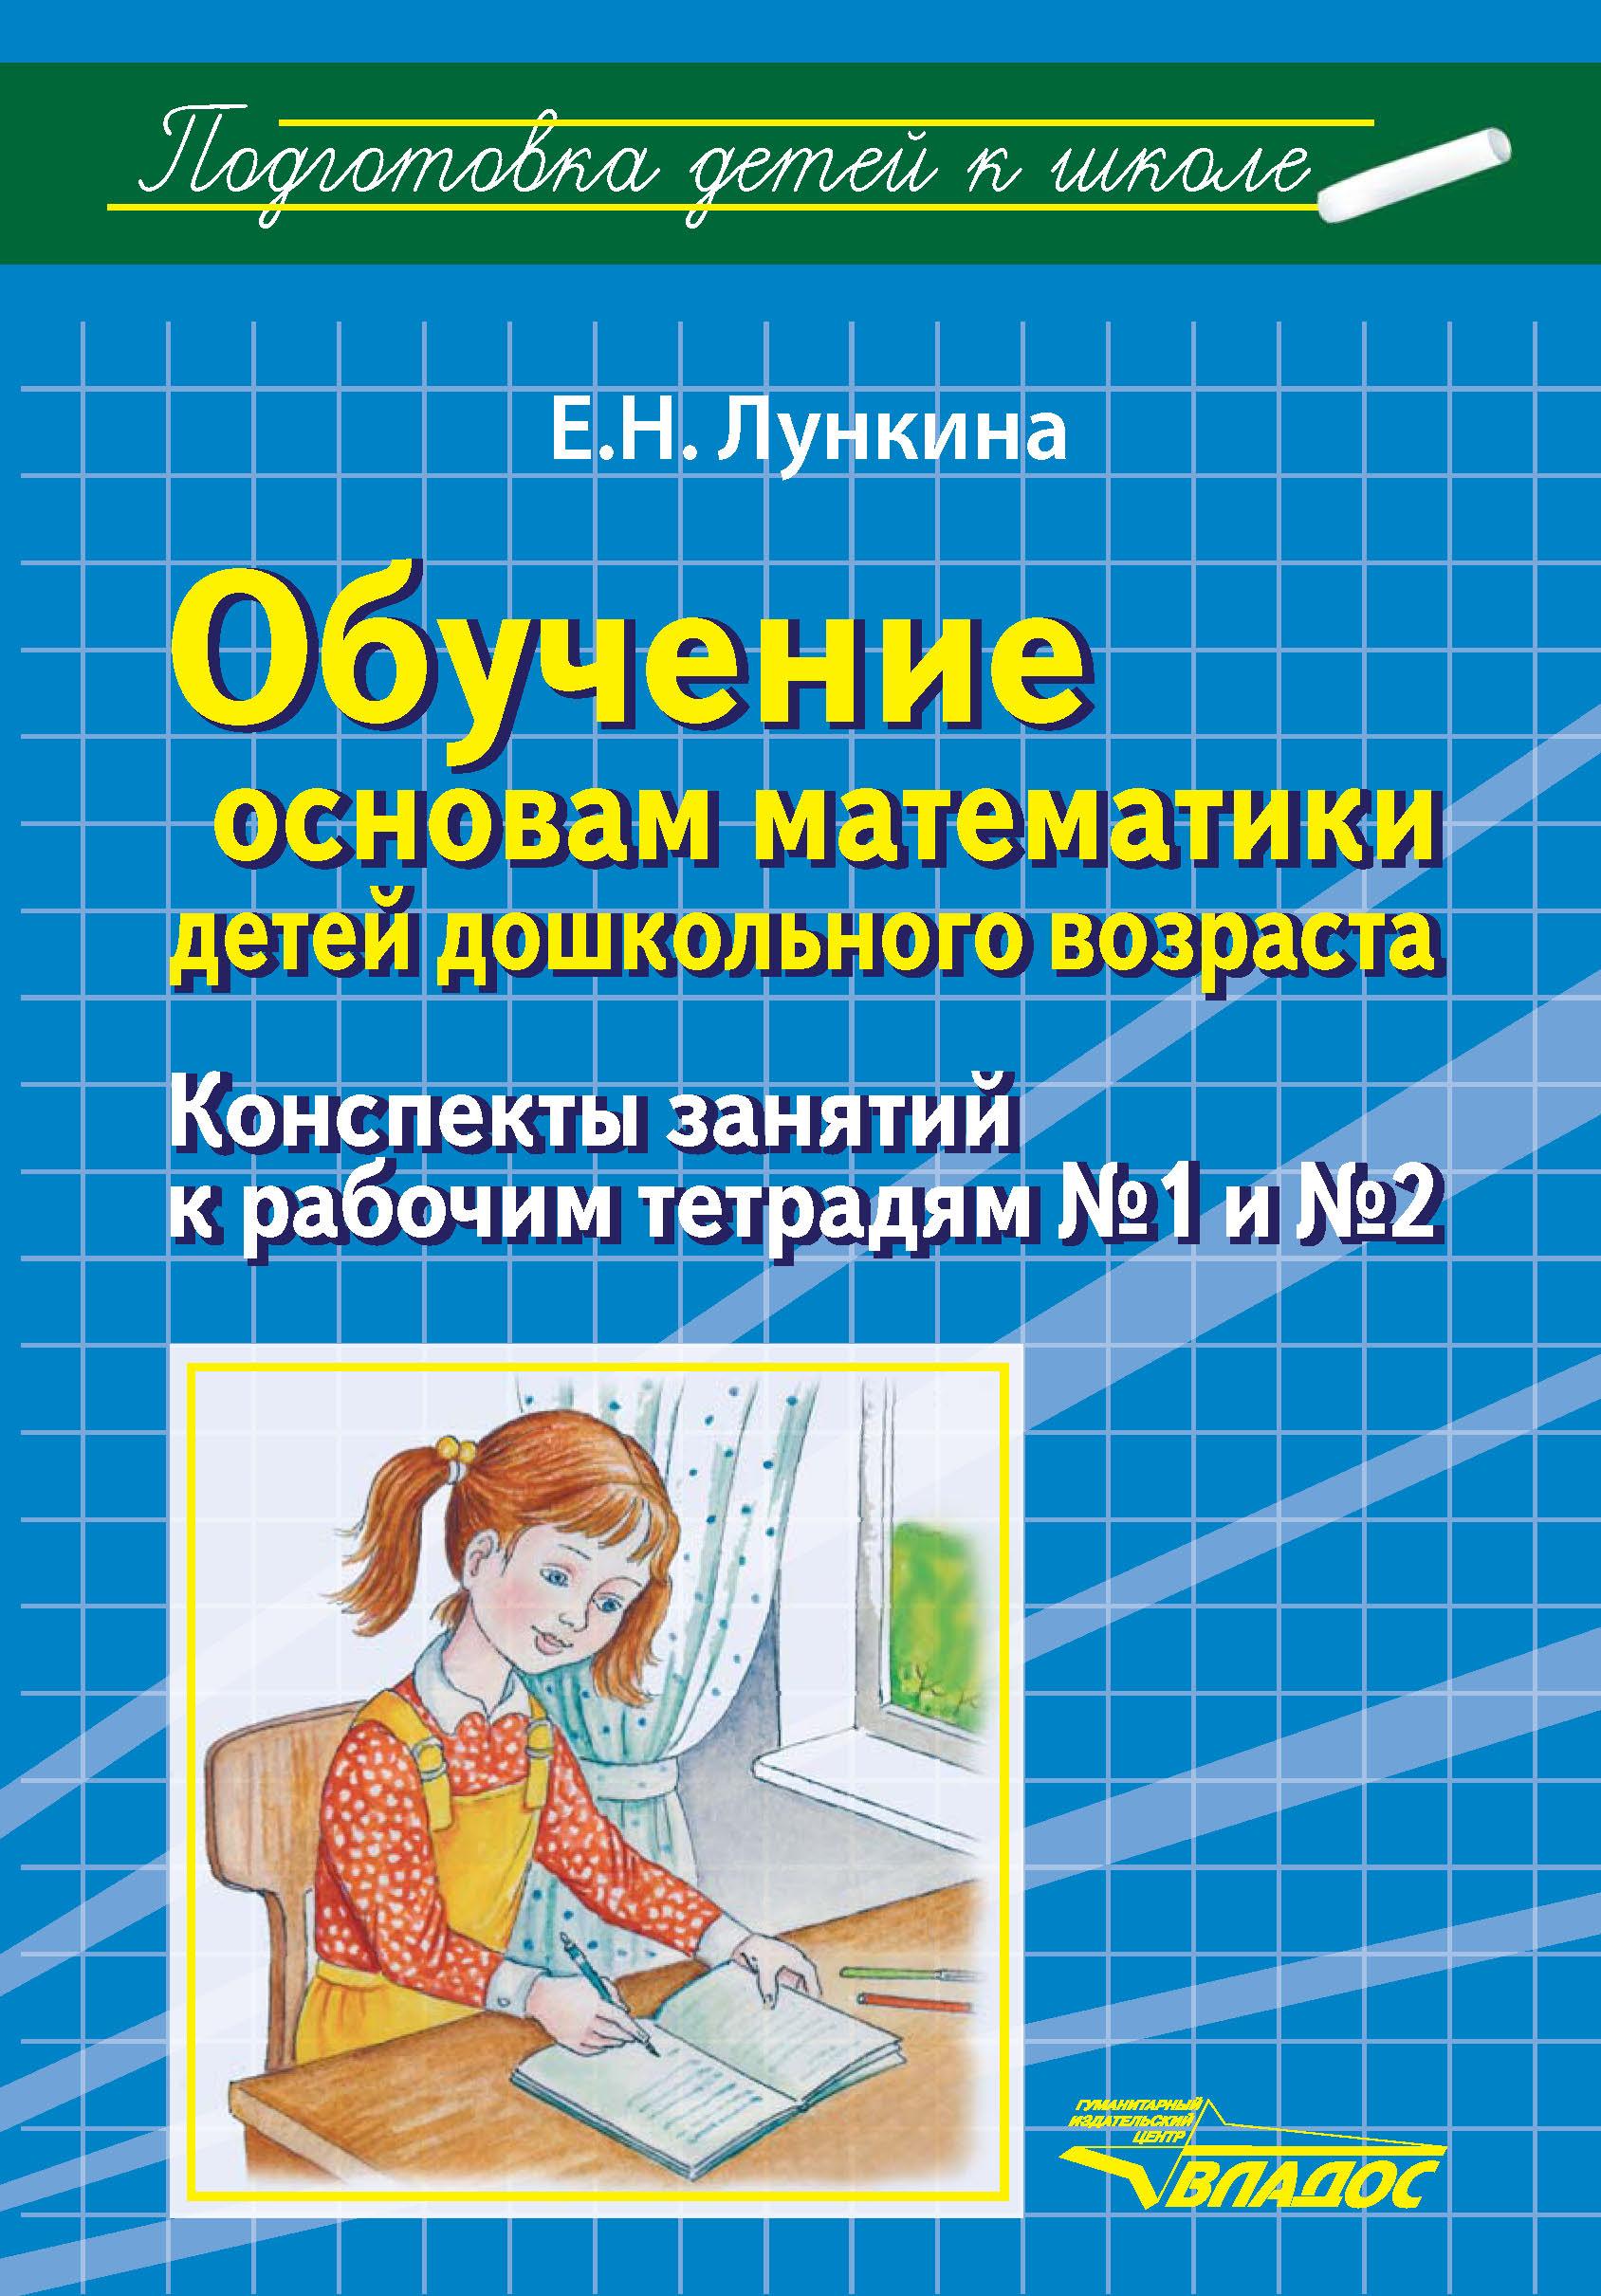 Е. Н. Лункина Обучение основам математики детей дошкольного возраста. Конспекты занятий к рабочим тетрадям №1 и №2